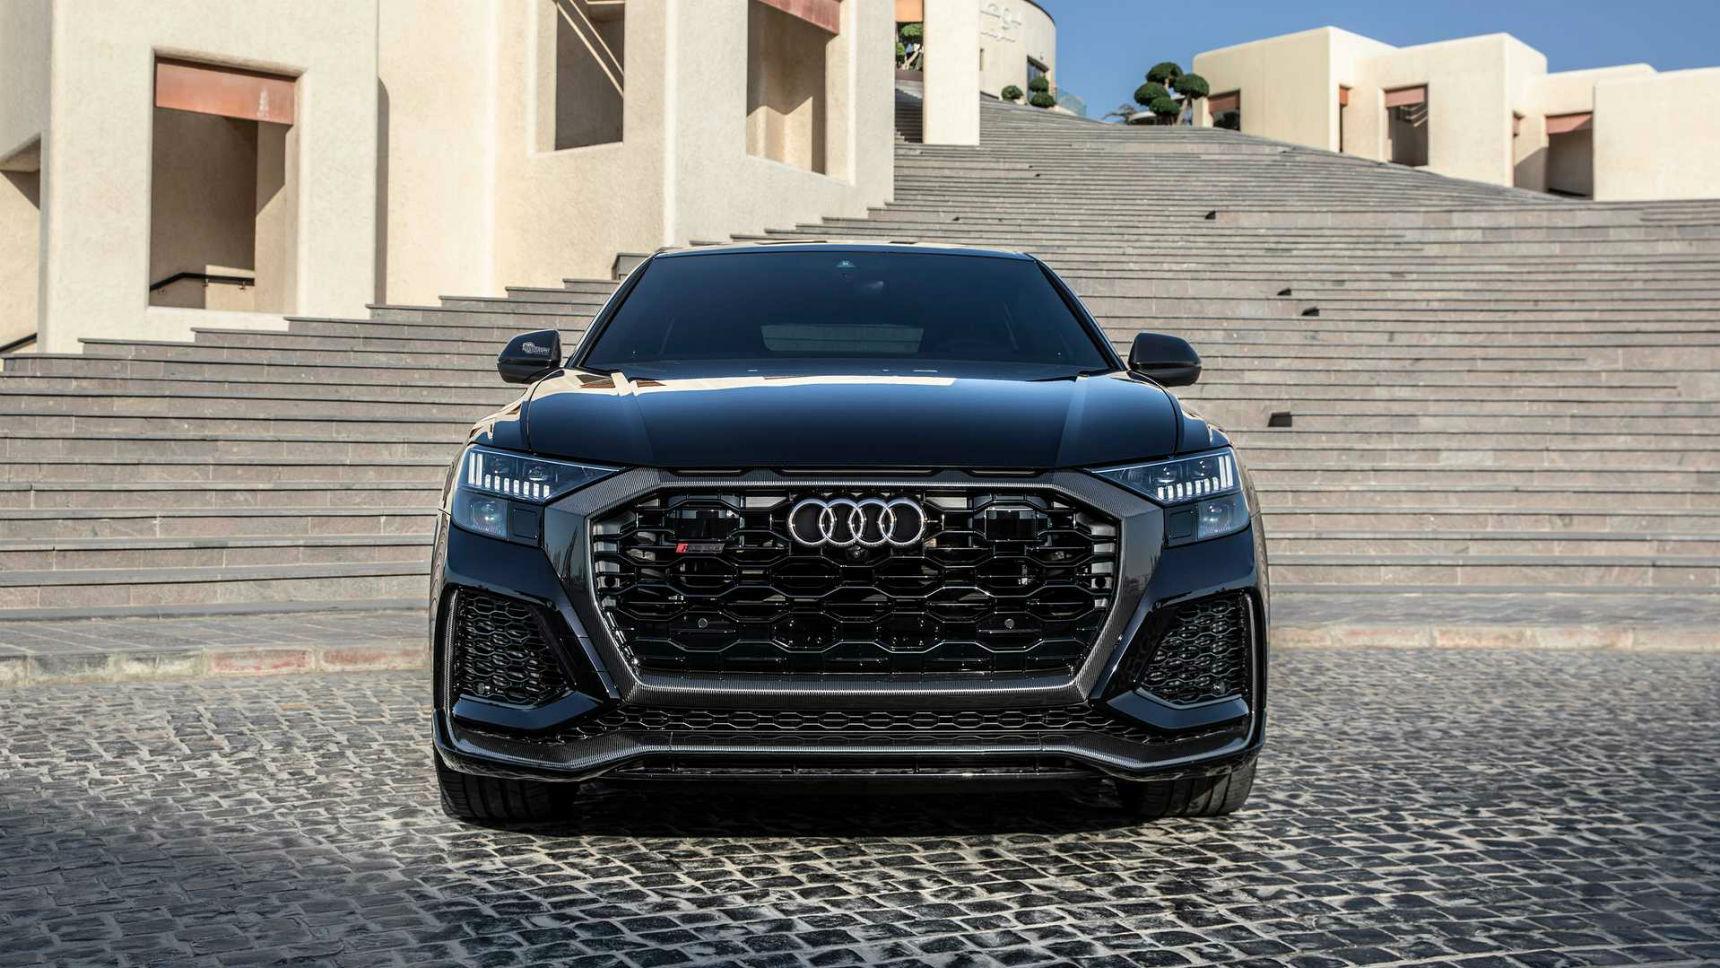 Звук Audi RS Q8 без сажевого фильтра продемонстрировали в Сети